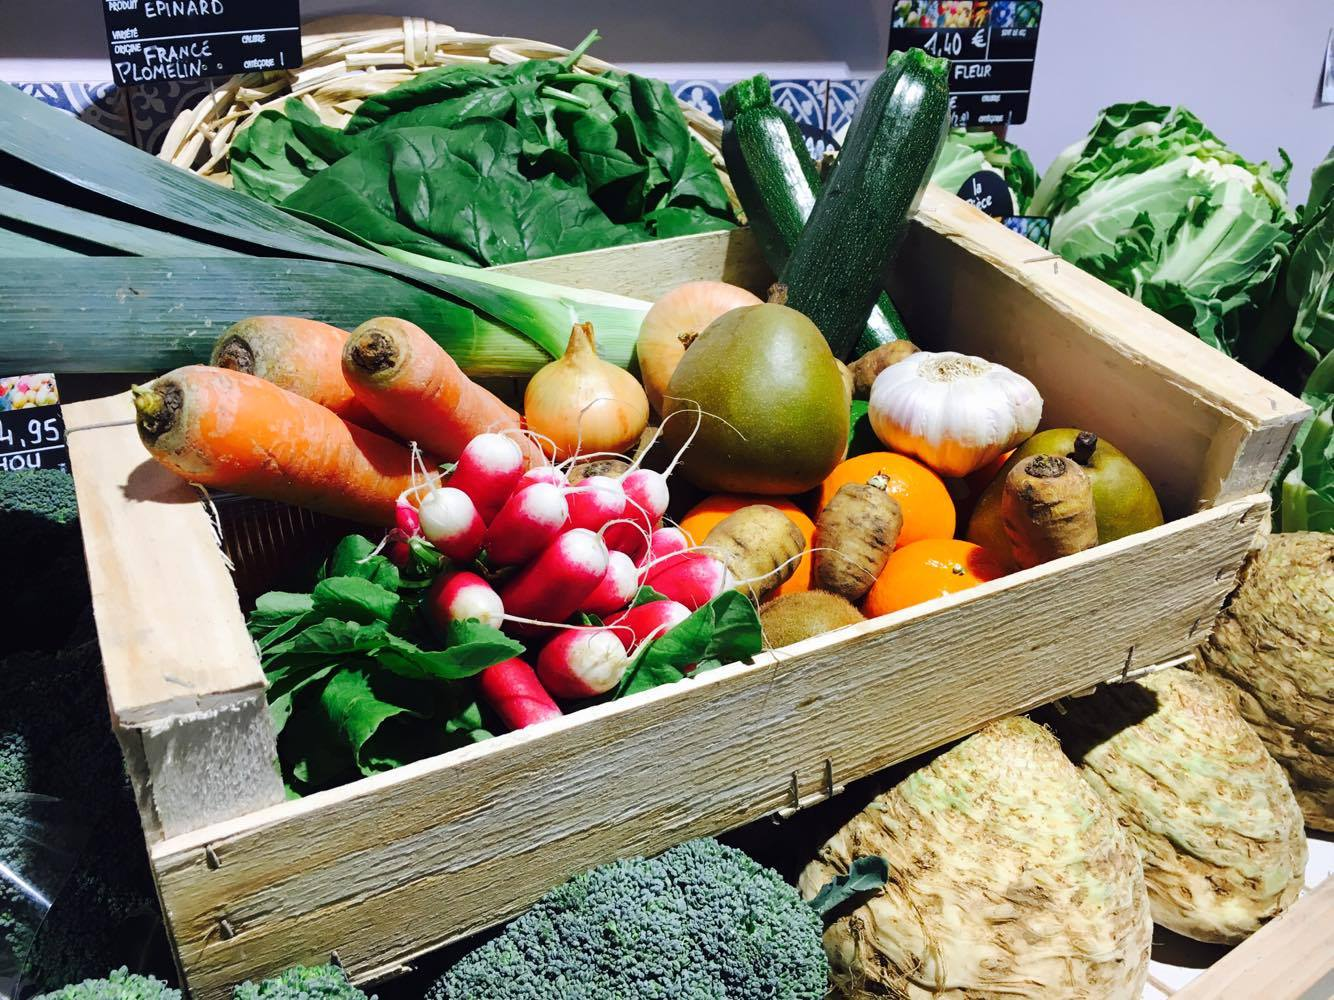 Panier primeur fruits et l gumes de la semaine 12 - Panier legumes strasbourg ...